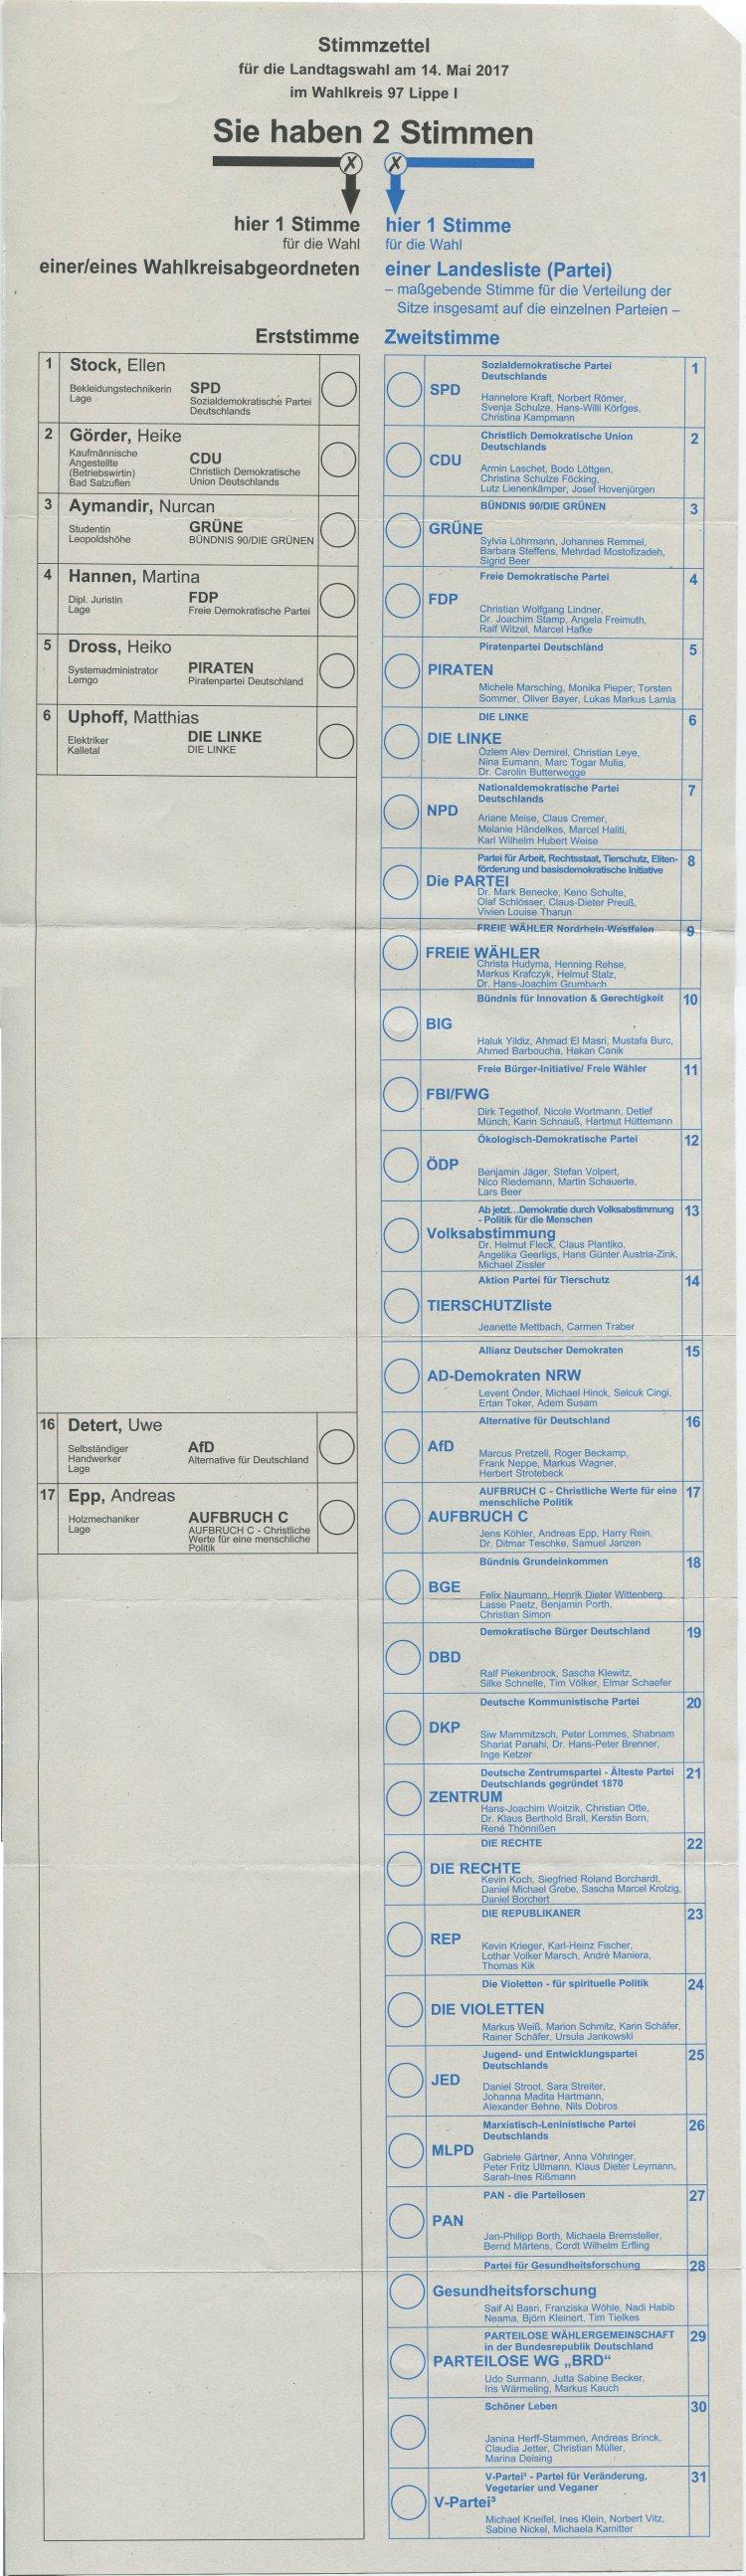 Muster Stimmzettel Landtagswahl Nrw